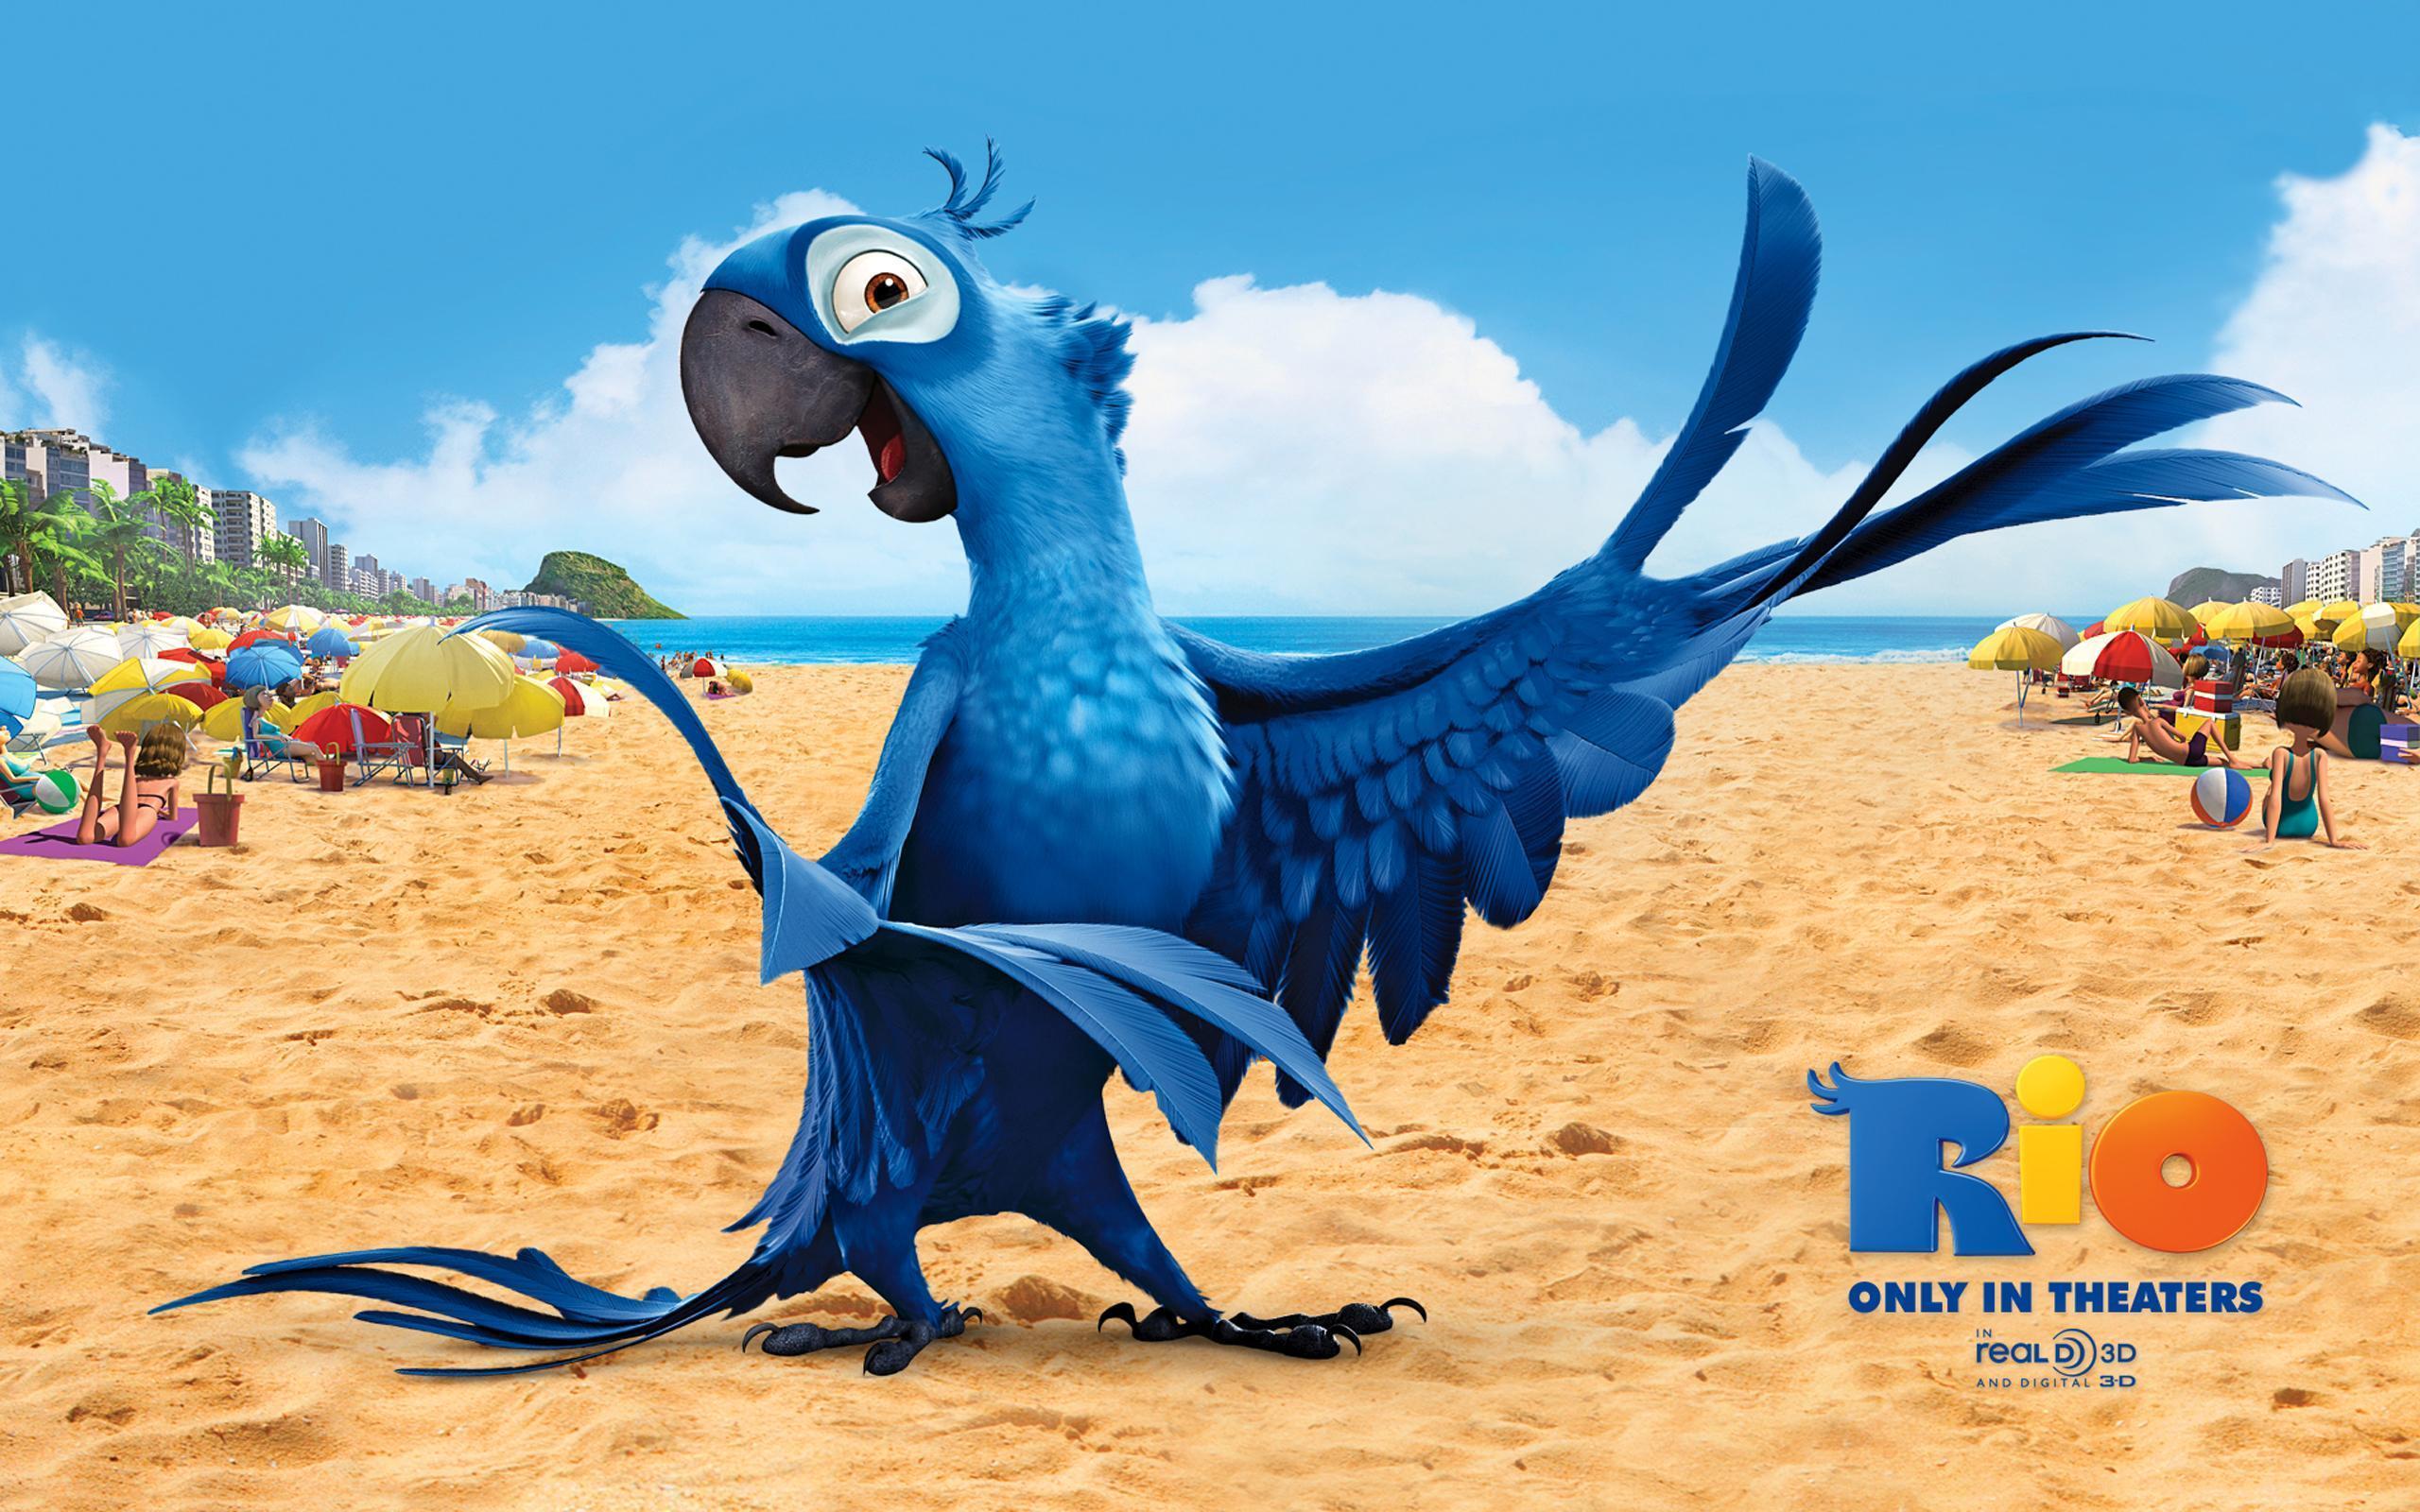 мультяшный синий попугай, скачать фото